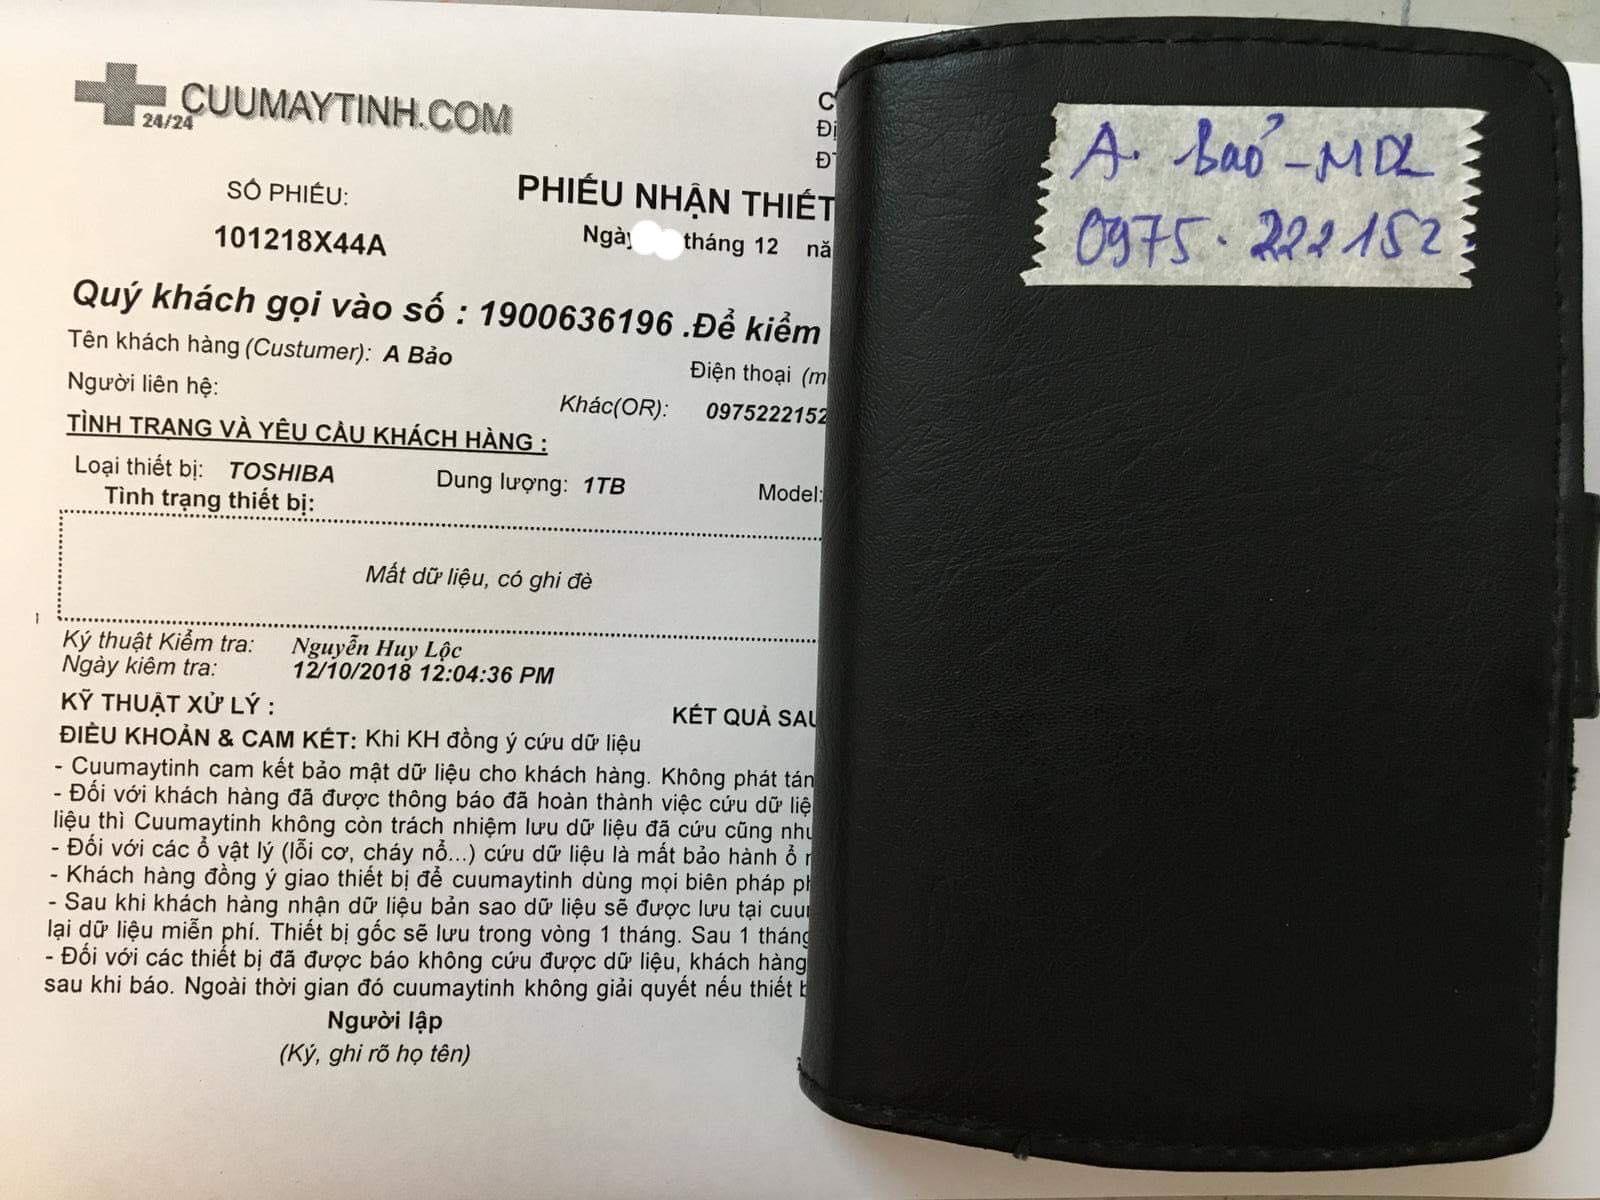 Cứu dữ liệu ổ cứng Toshiba 1TB xóa nhầm, ghi đè 14/12/2018 - cuumaytinh